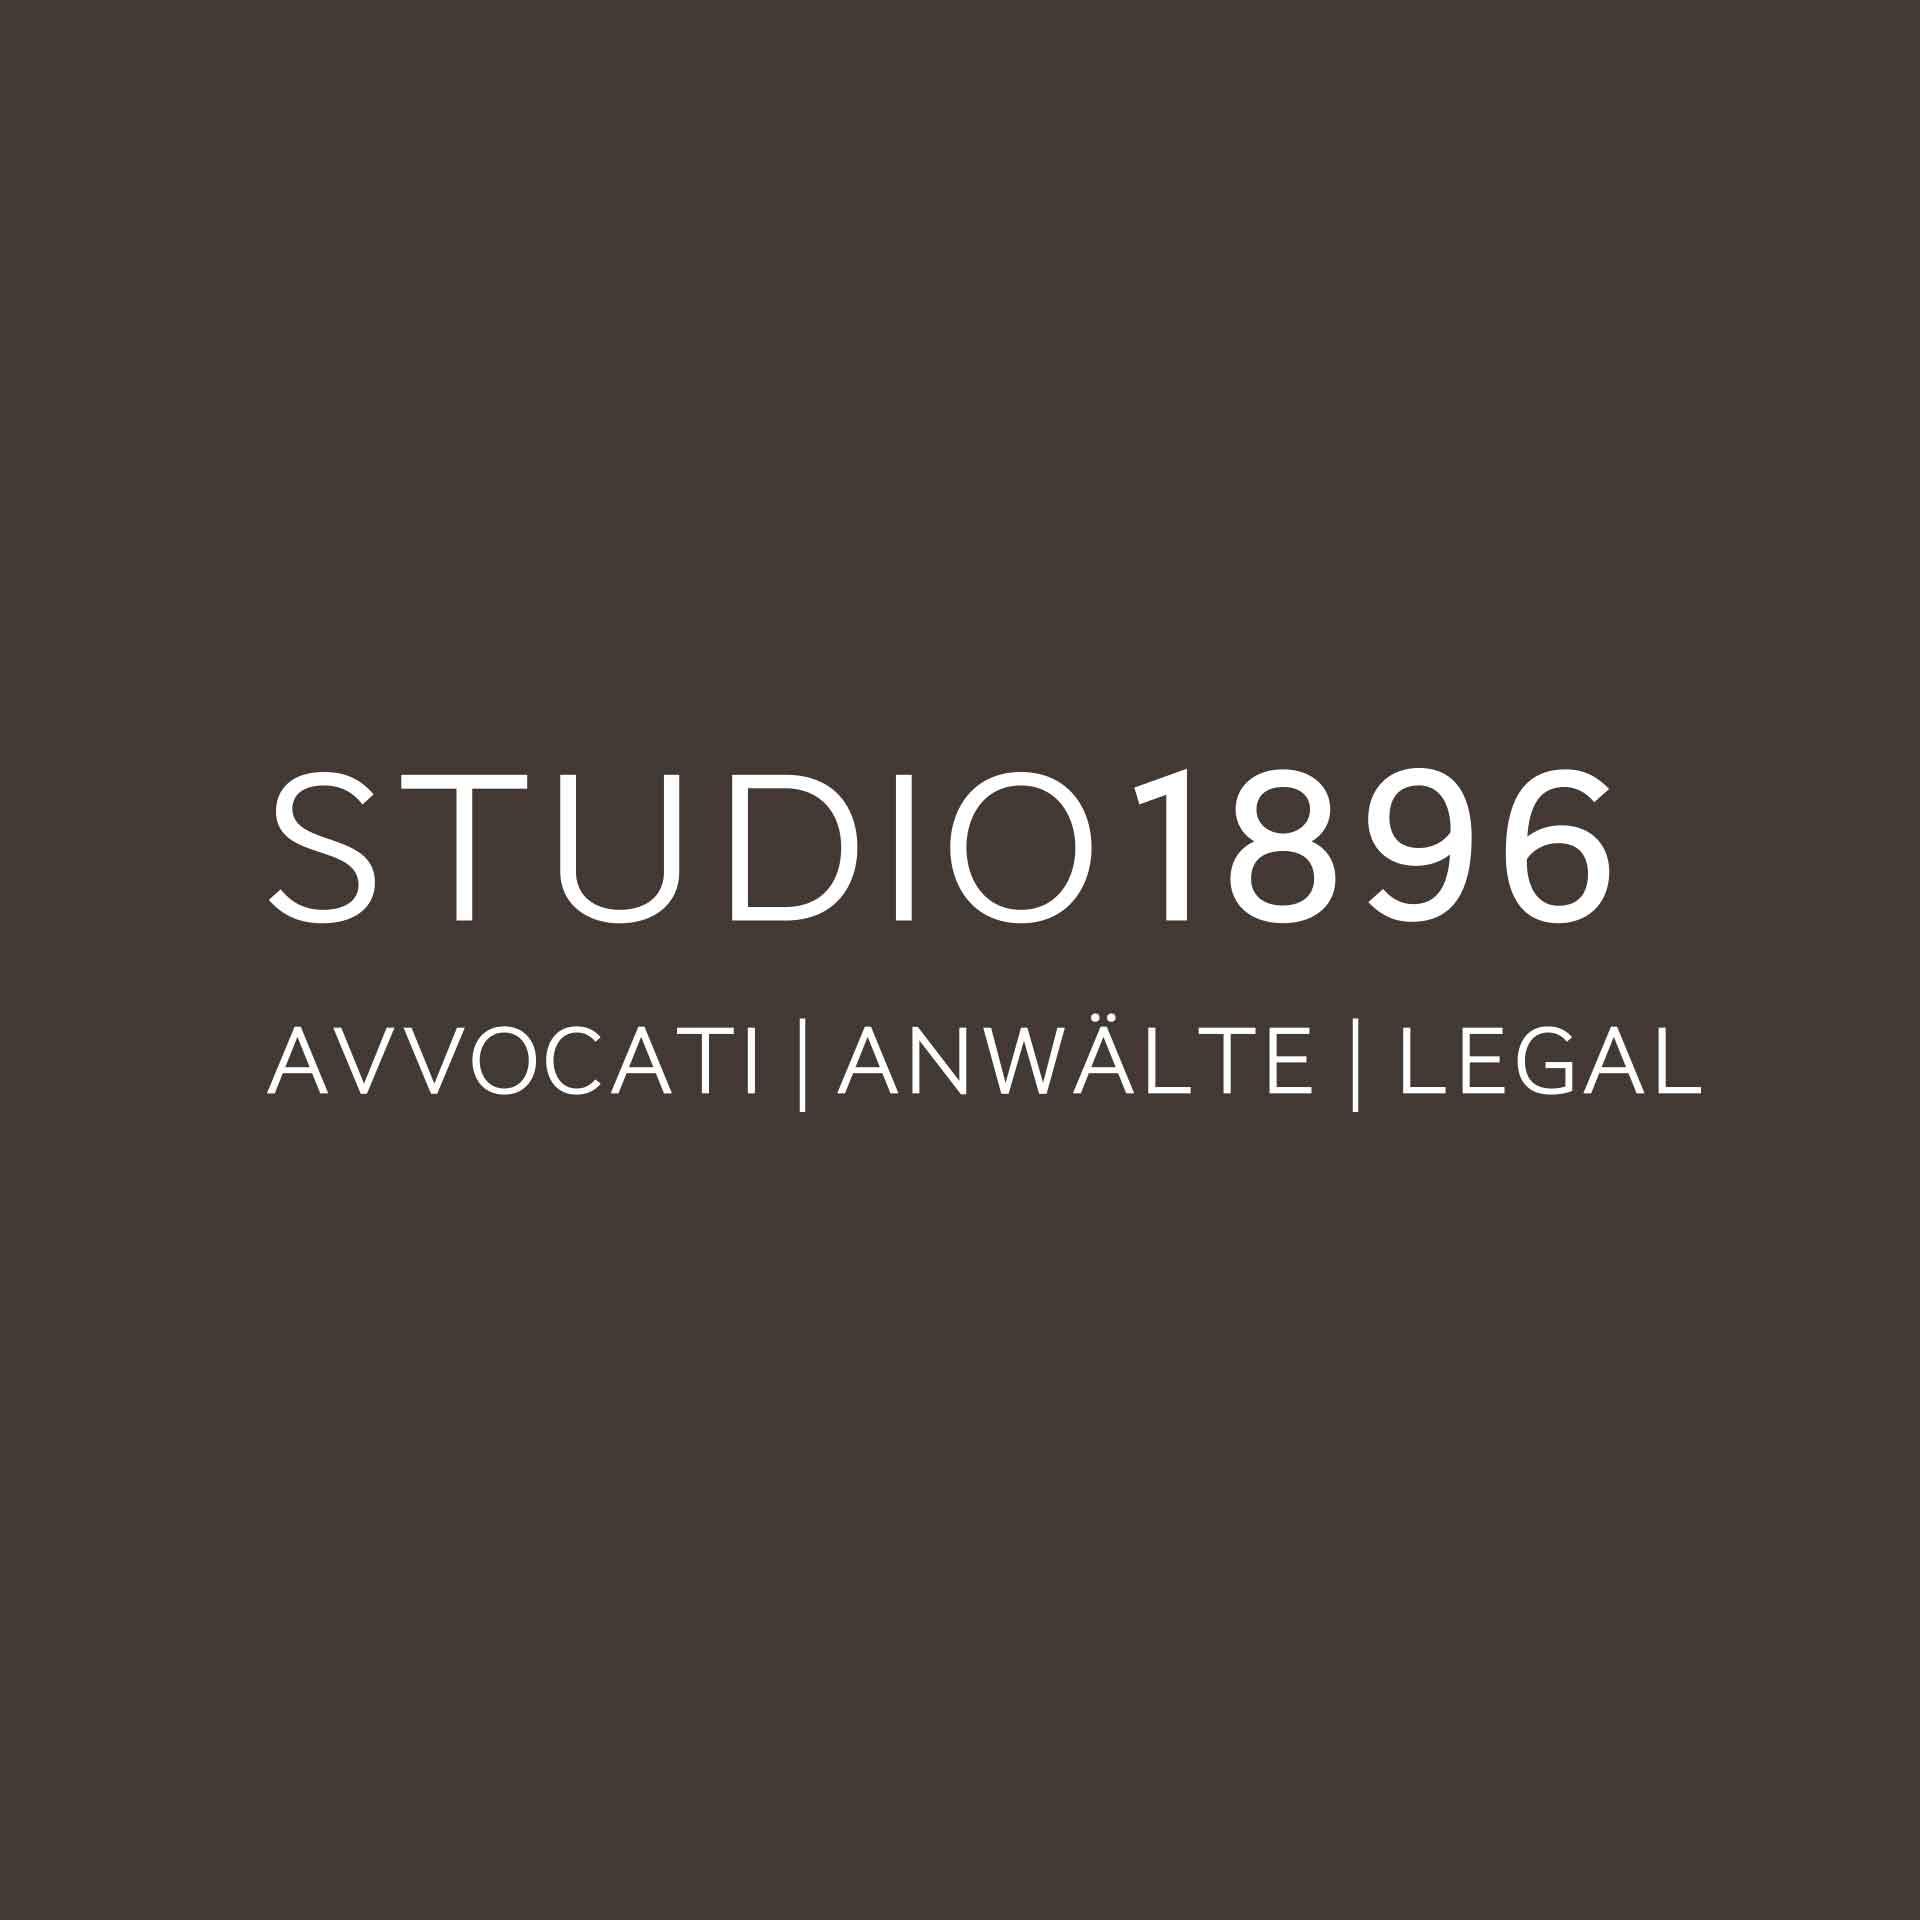 STUDIO1896